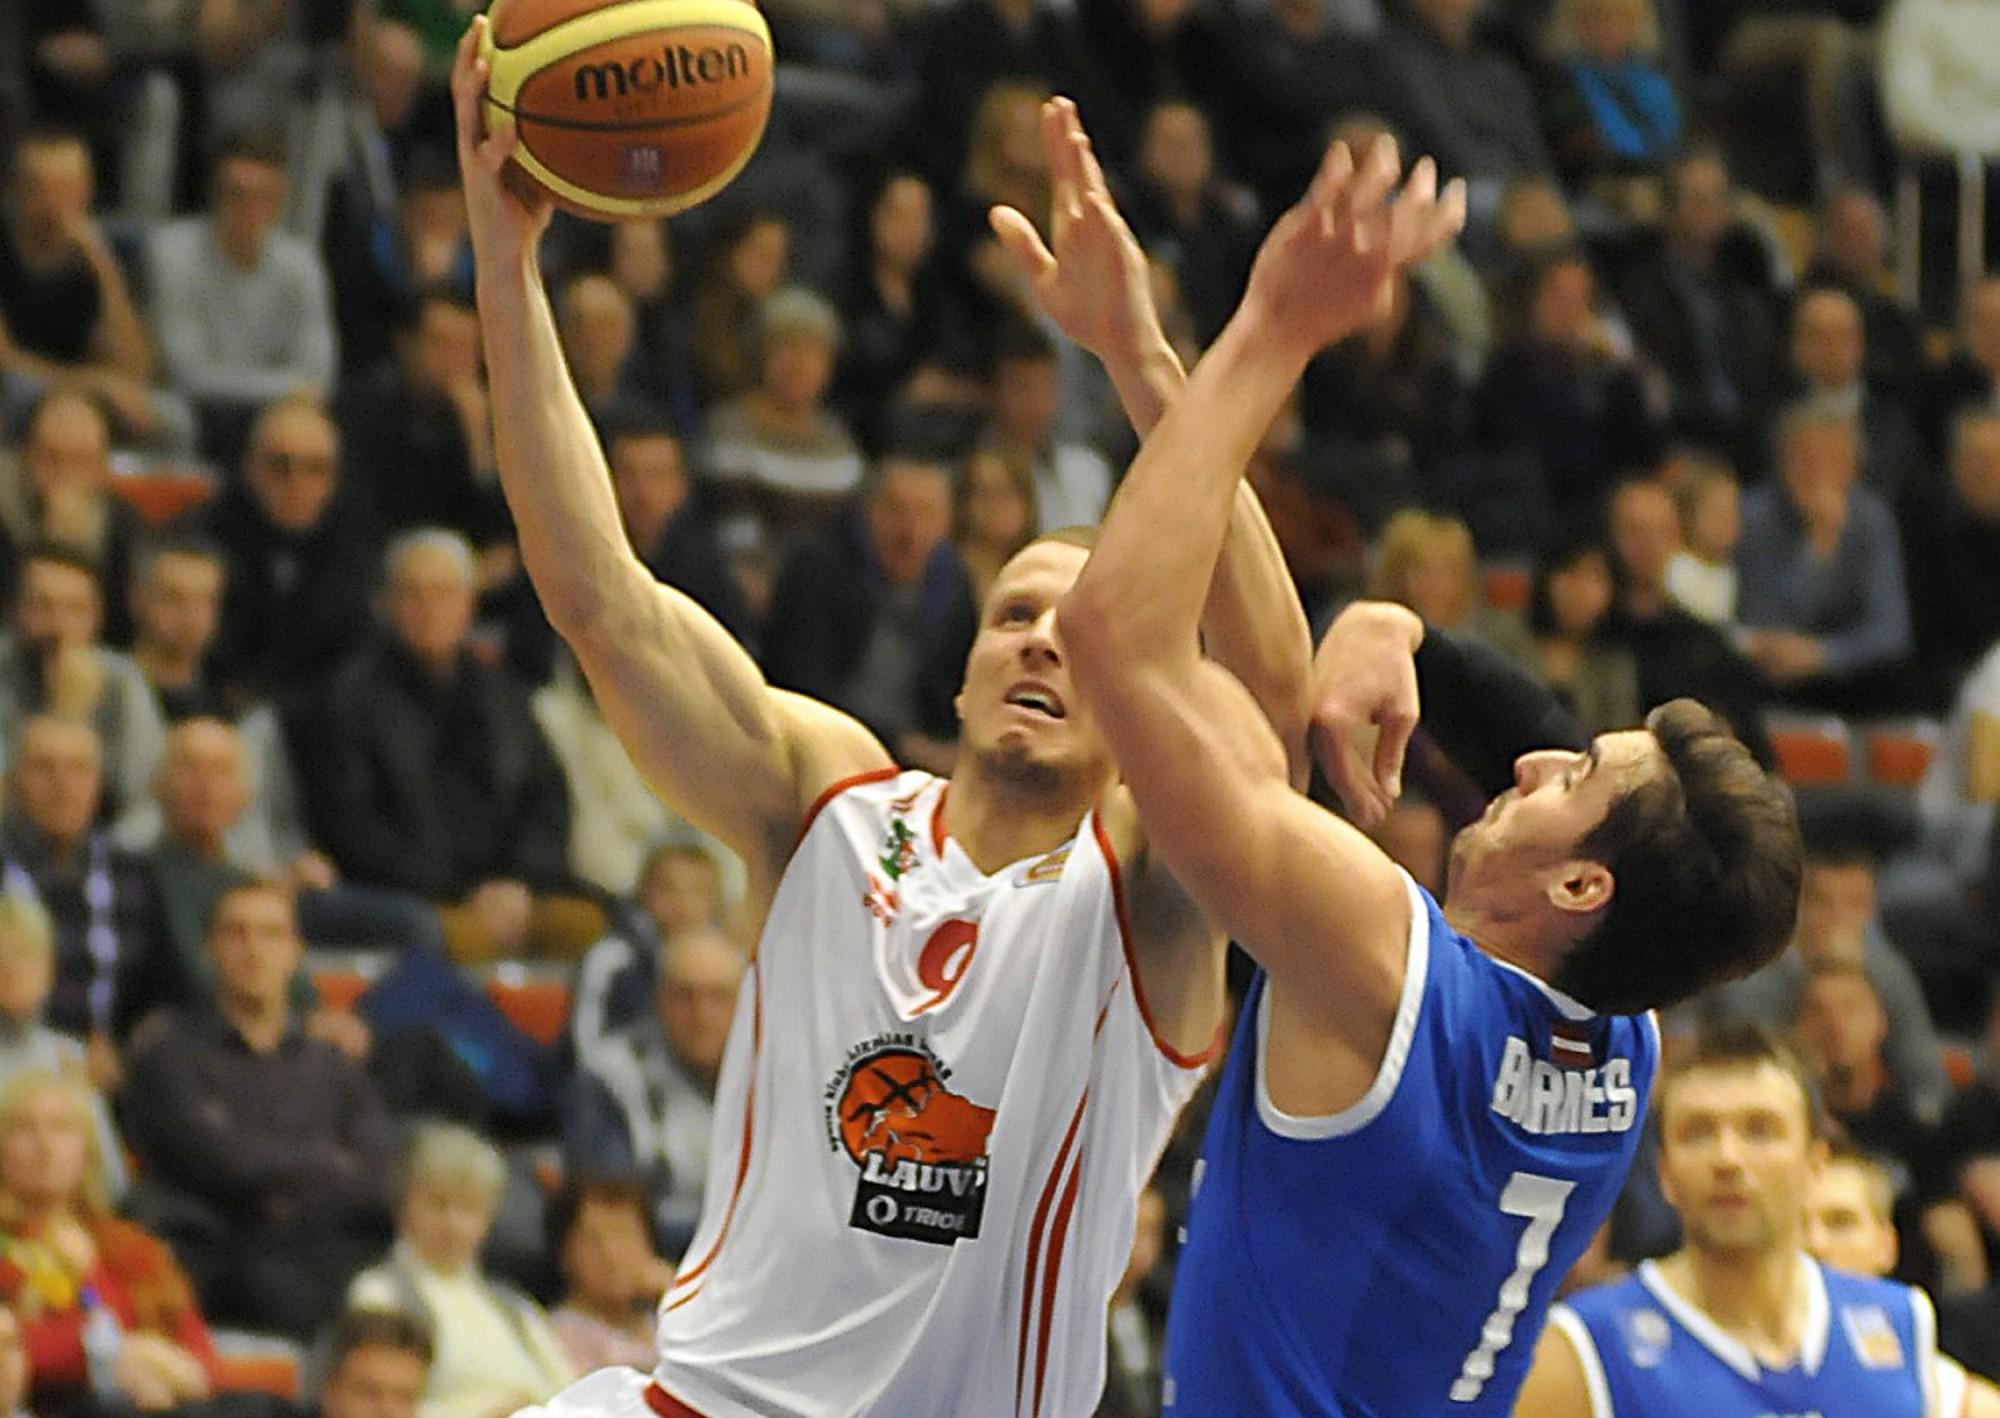 """Basketbola klubs """"Liepāja"""" pastiprina sastāvu ar Troju Bārnīsu"""